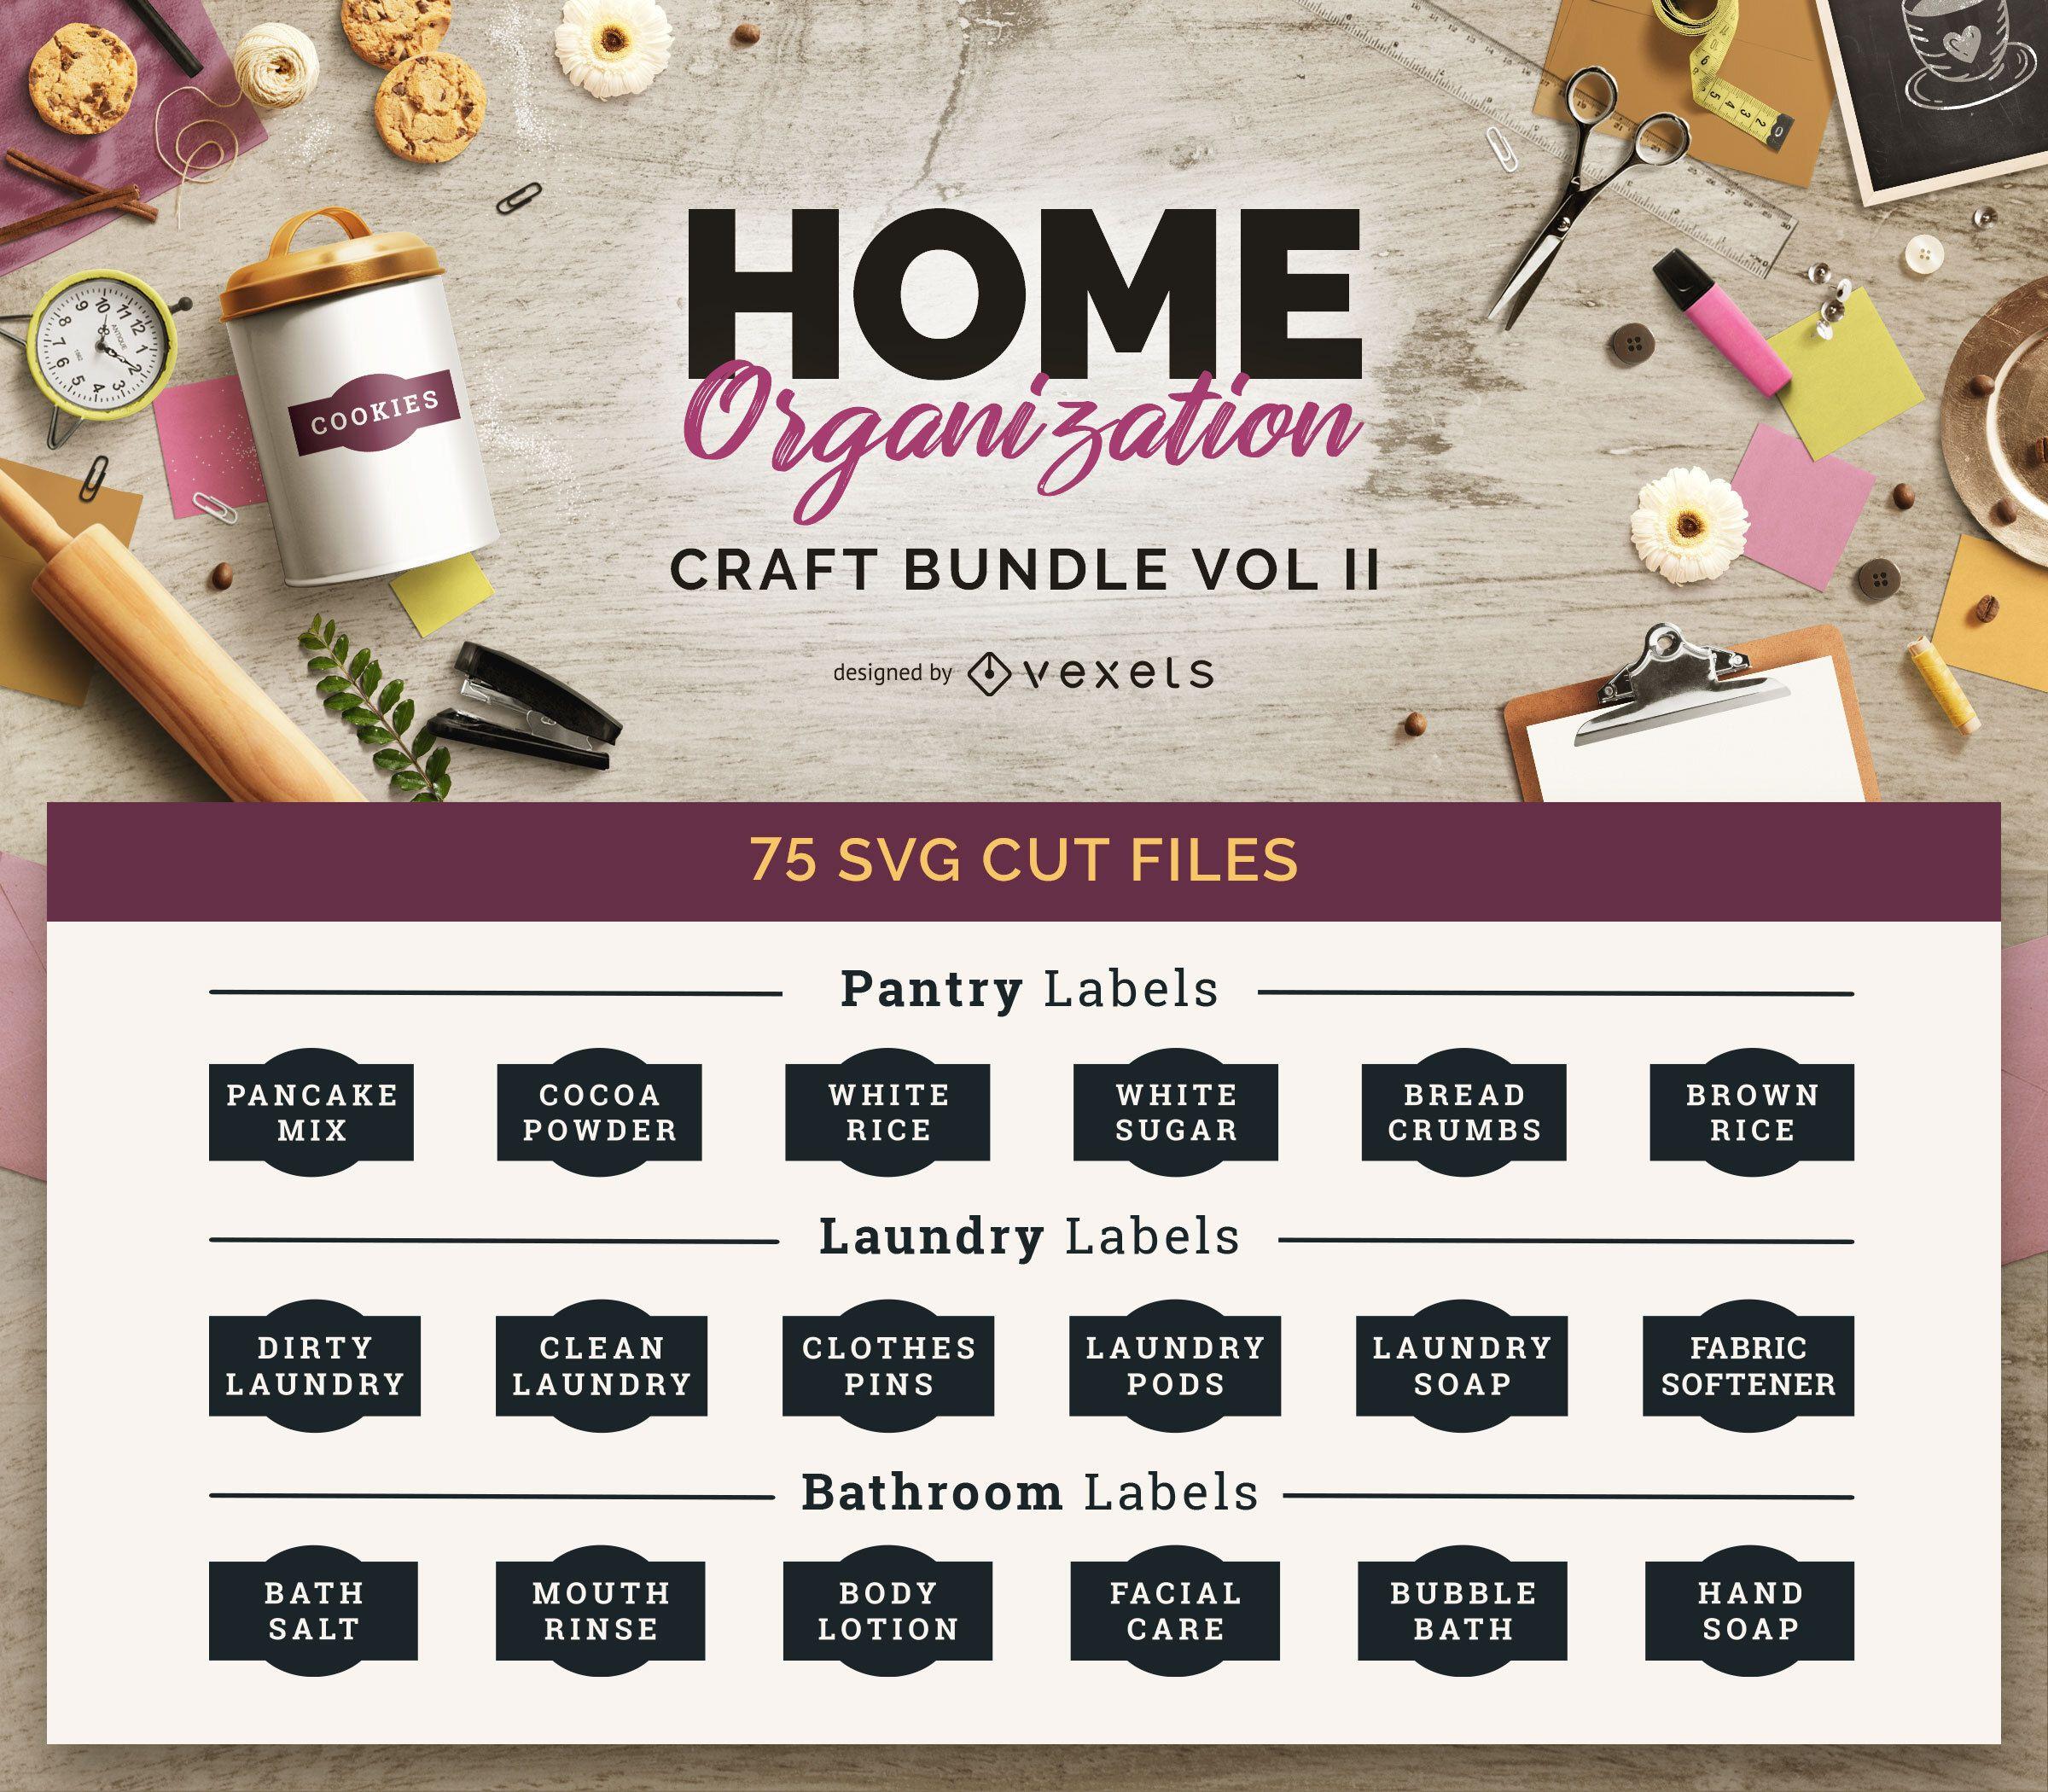 Inicio Organización Craft Bundle Vol II